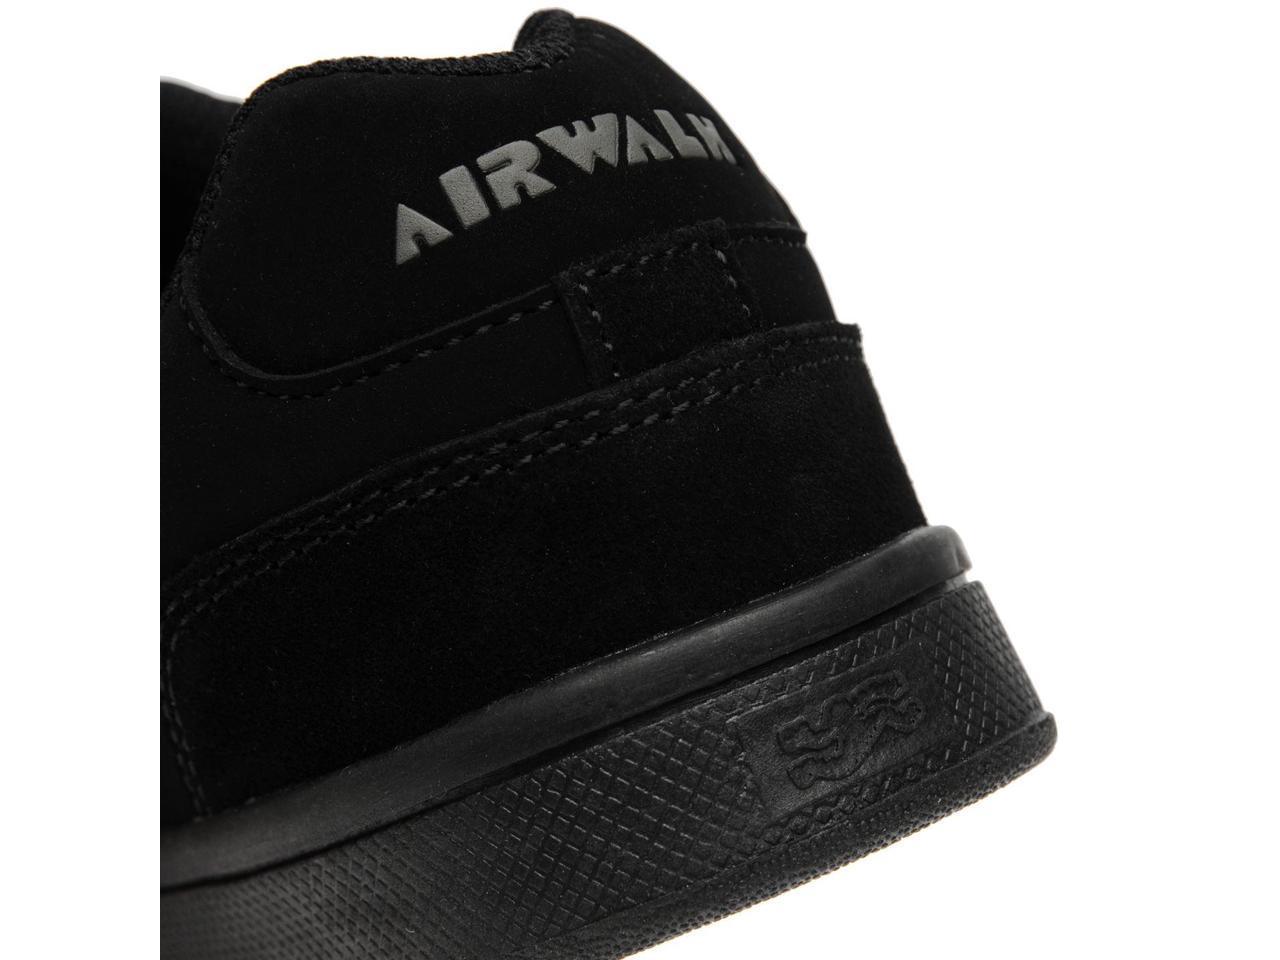 Airwalk Mens Brock Skate Shoes Trainers Padded Tongue Suede